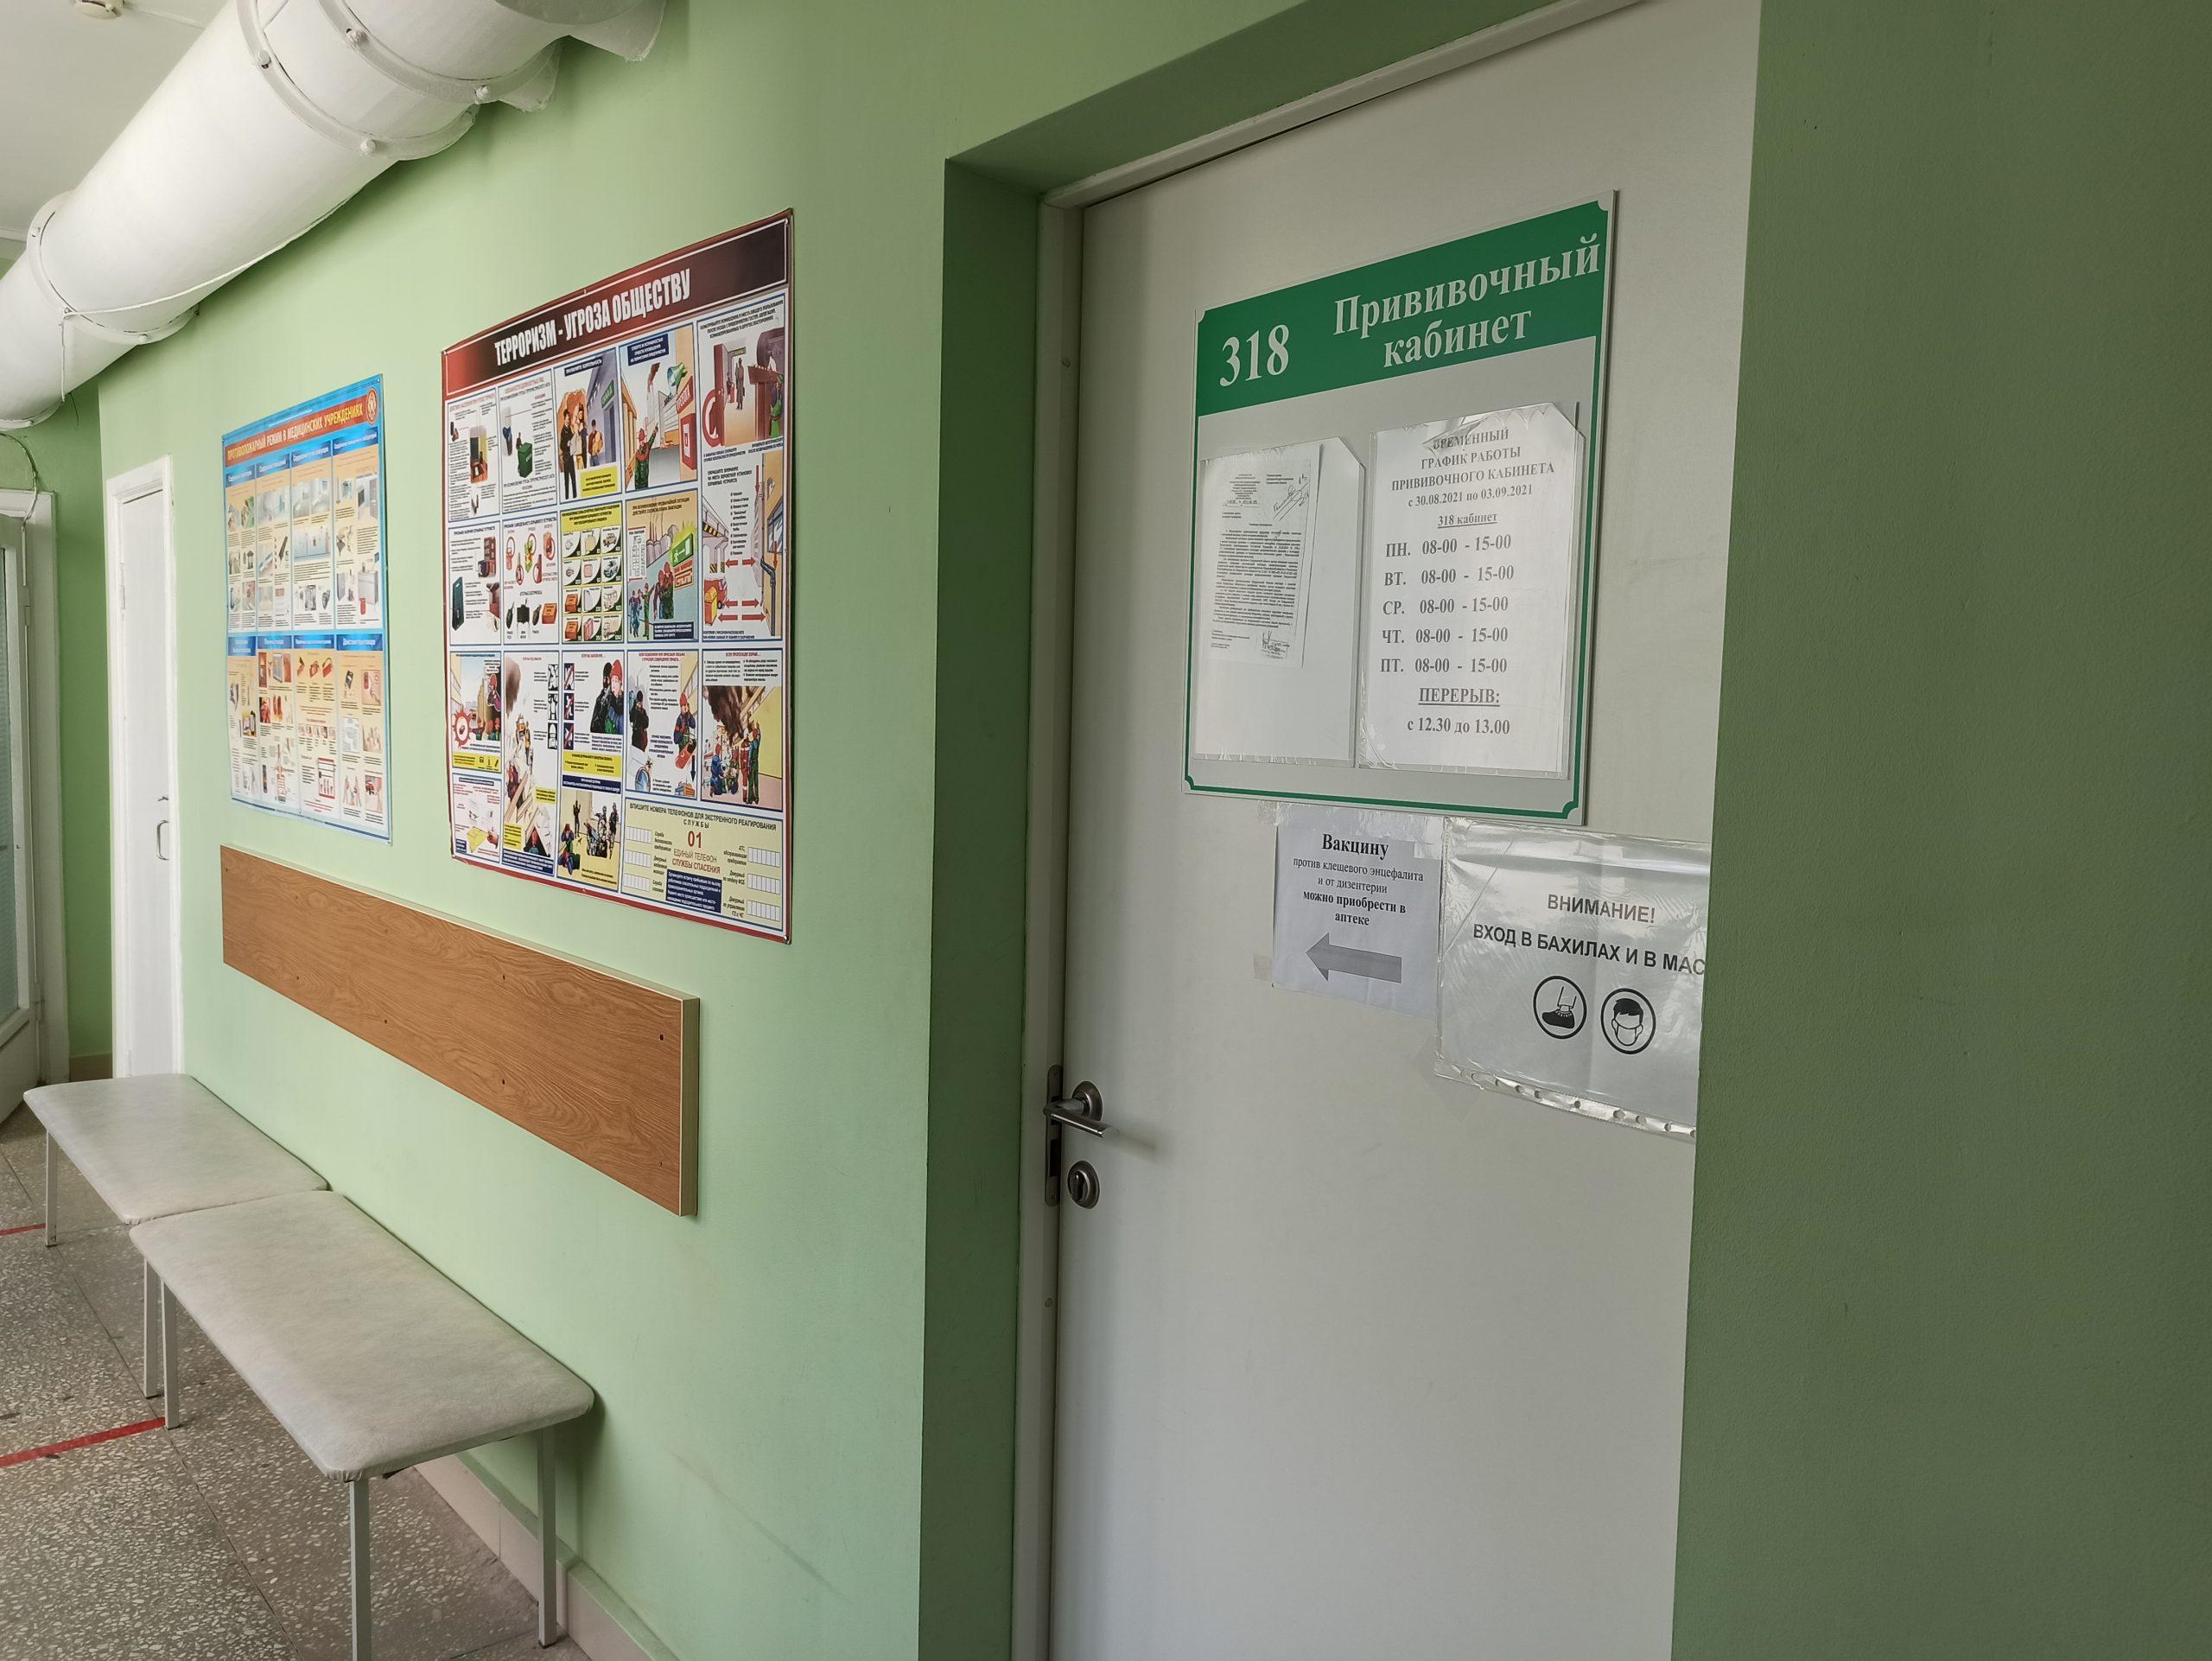 Управление Роспотребнадзора по Свердловской области вводит обязательную вакцинацию для работников ряда отраслей